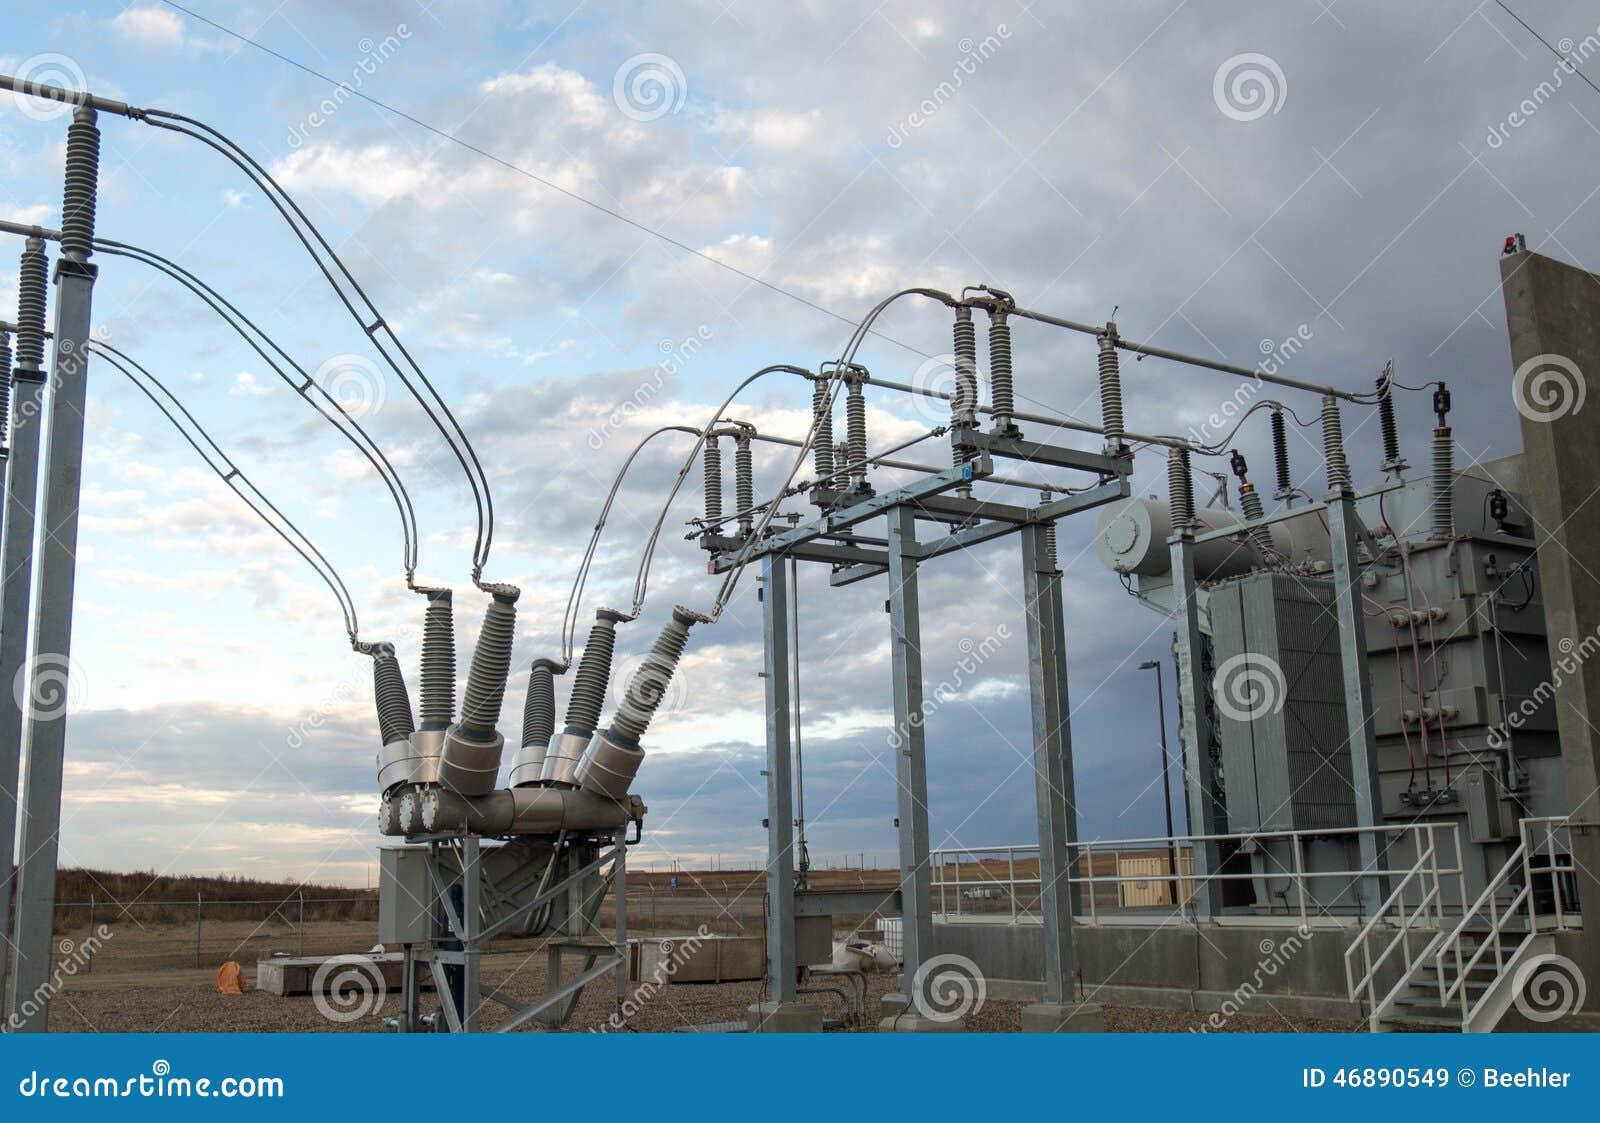 Desconexión eléctrica y transformador